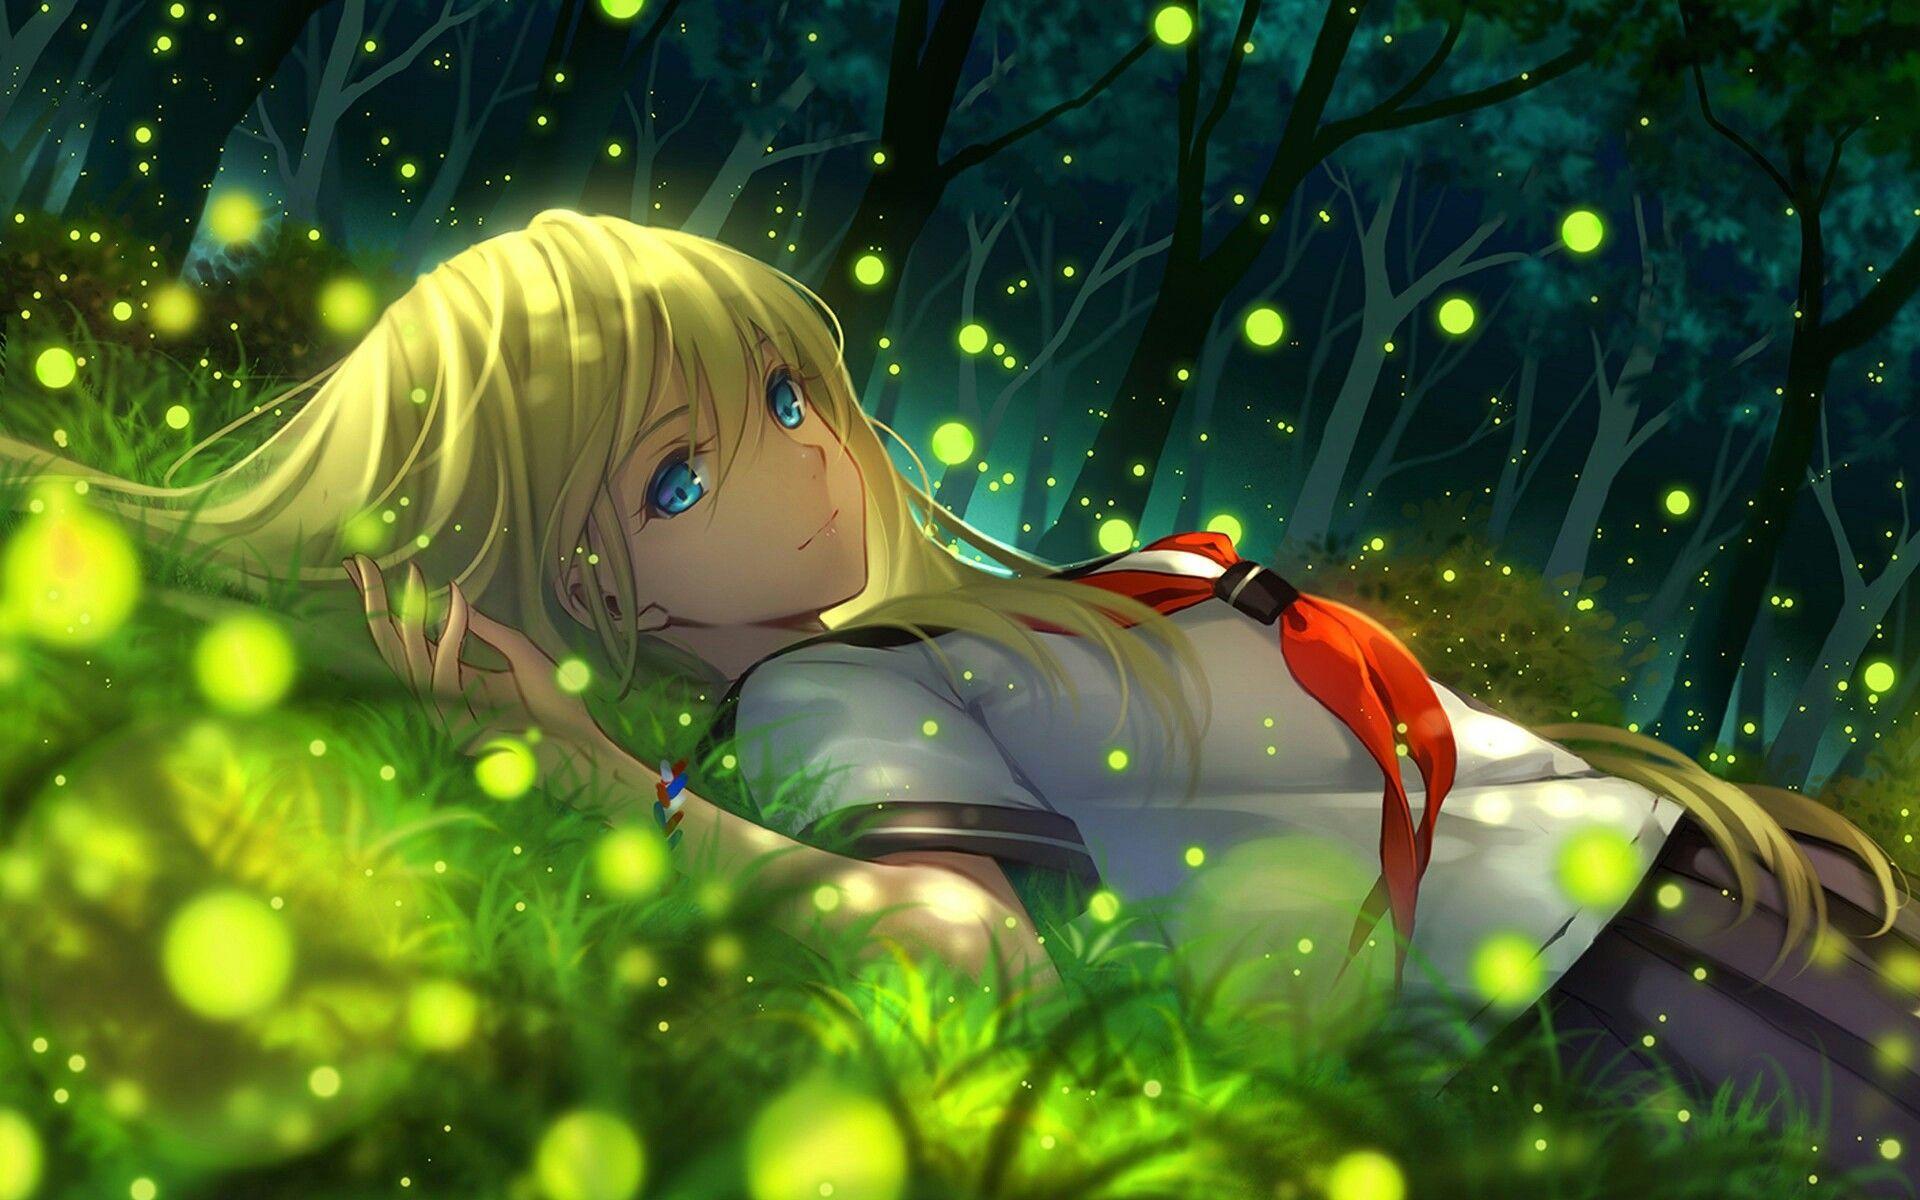 una noche muy brillan como una sonrisa ase brillar los corazones de ...